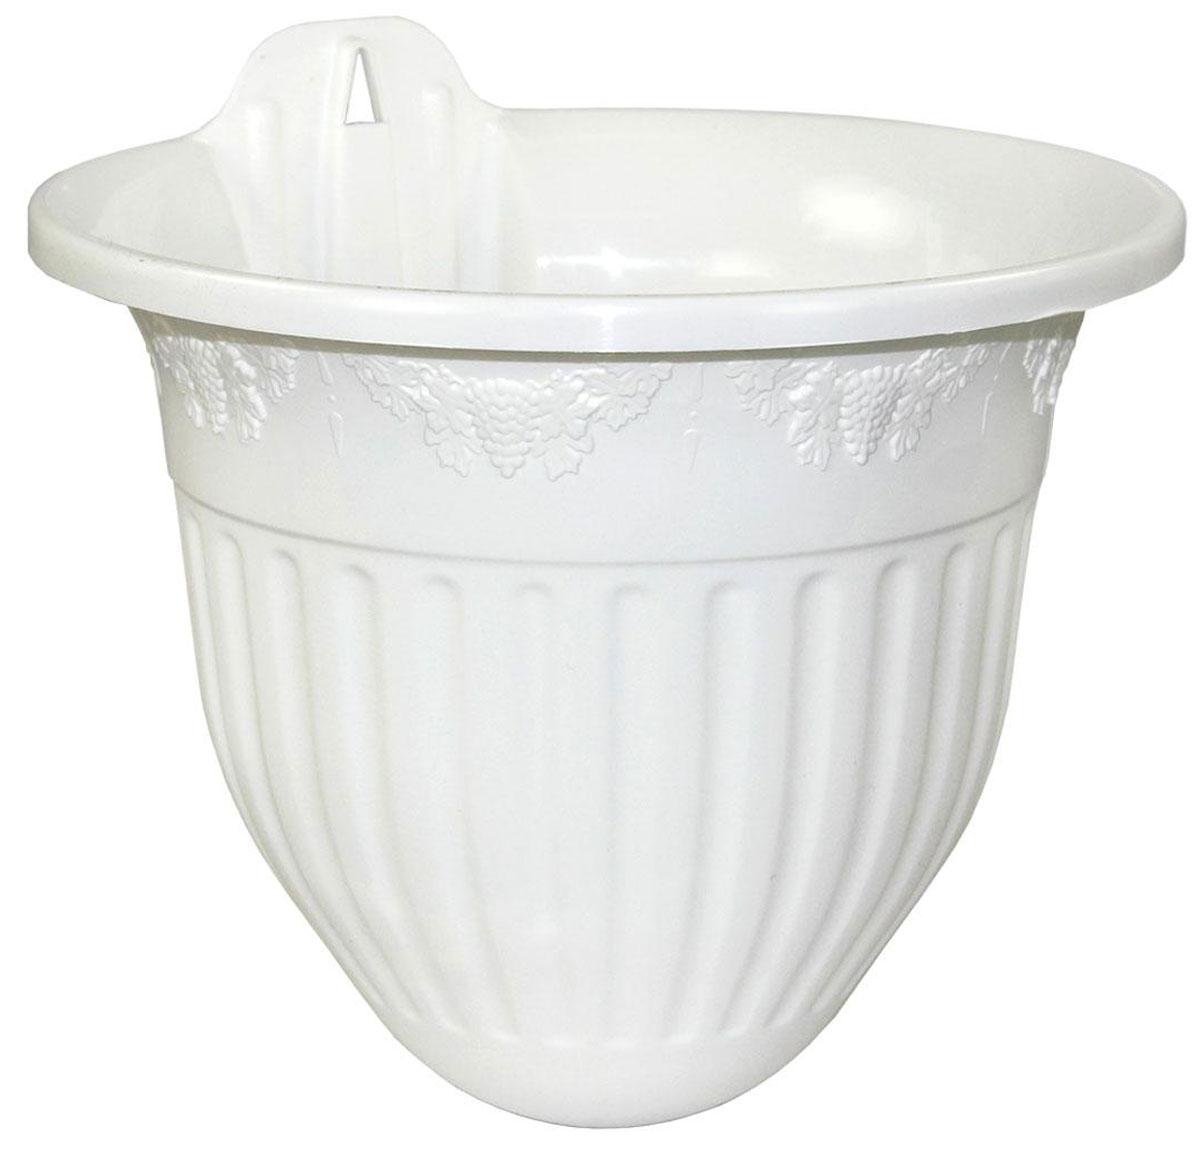 Кашпо настенное Альтернатива Лозанна, цвет: белый, 3 лZ-0307Настенное кашпо Альтернатива Лозанна изготовлено из прочного пластика. Изделие прекрасно подходит для выращивания растений и цветов в домашних условиях. Крепится к стене при помощи шурупа (в комплект не входит). Стильный лаконичный дизайн впишется в интерьер любого помещения.